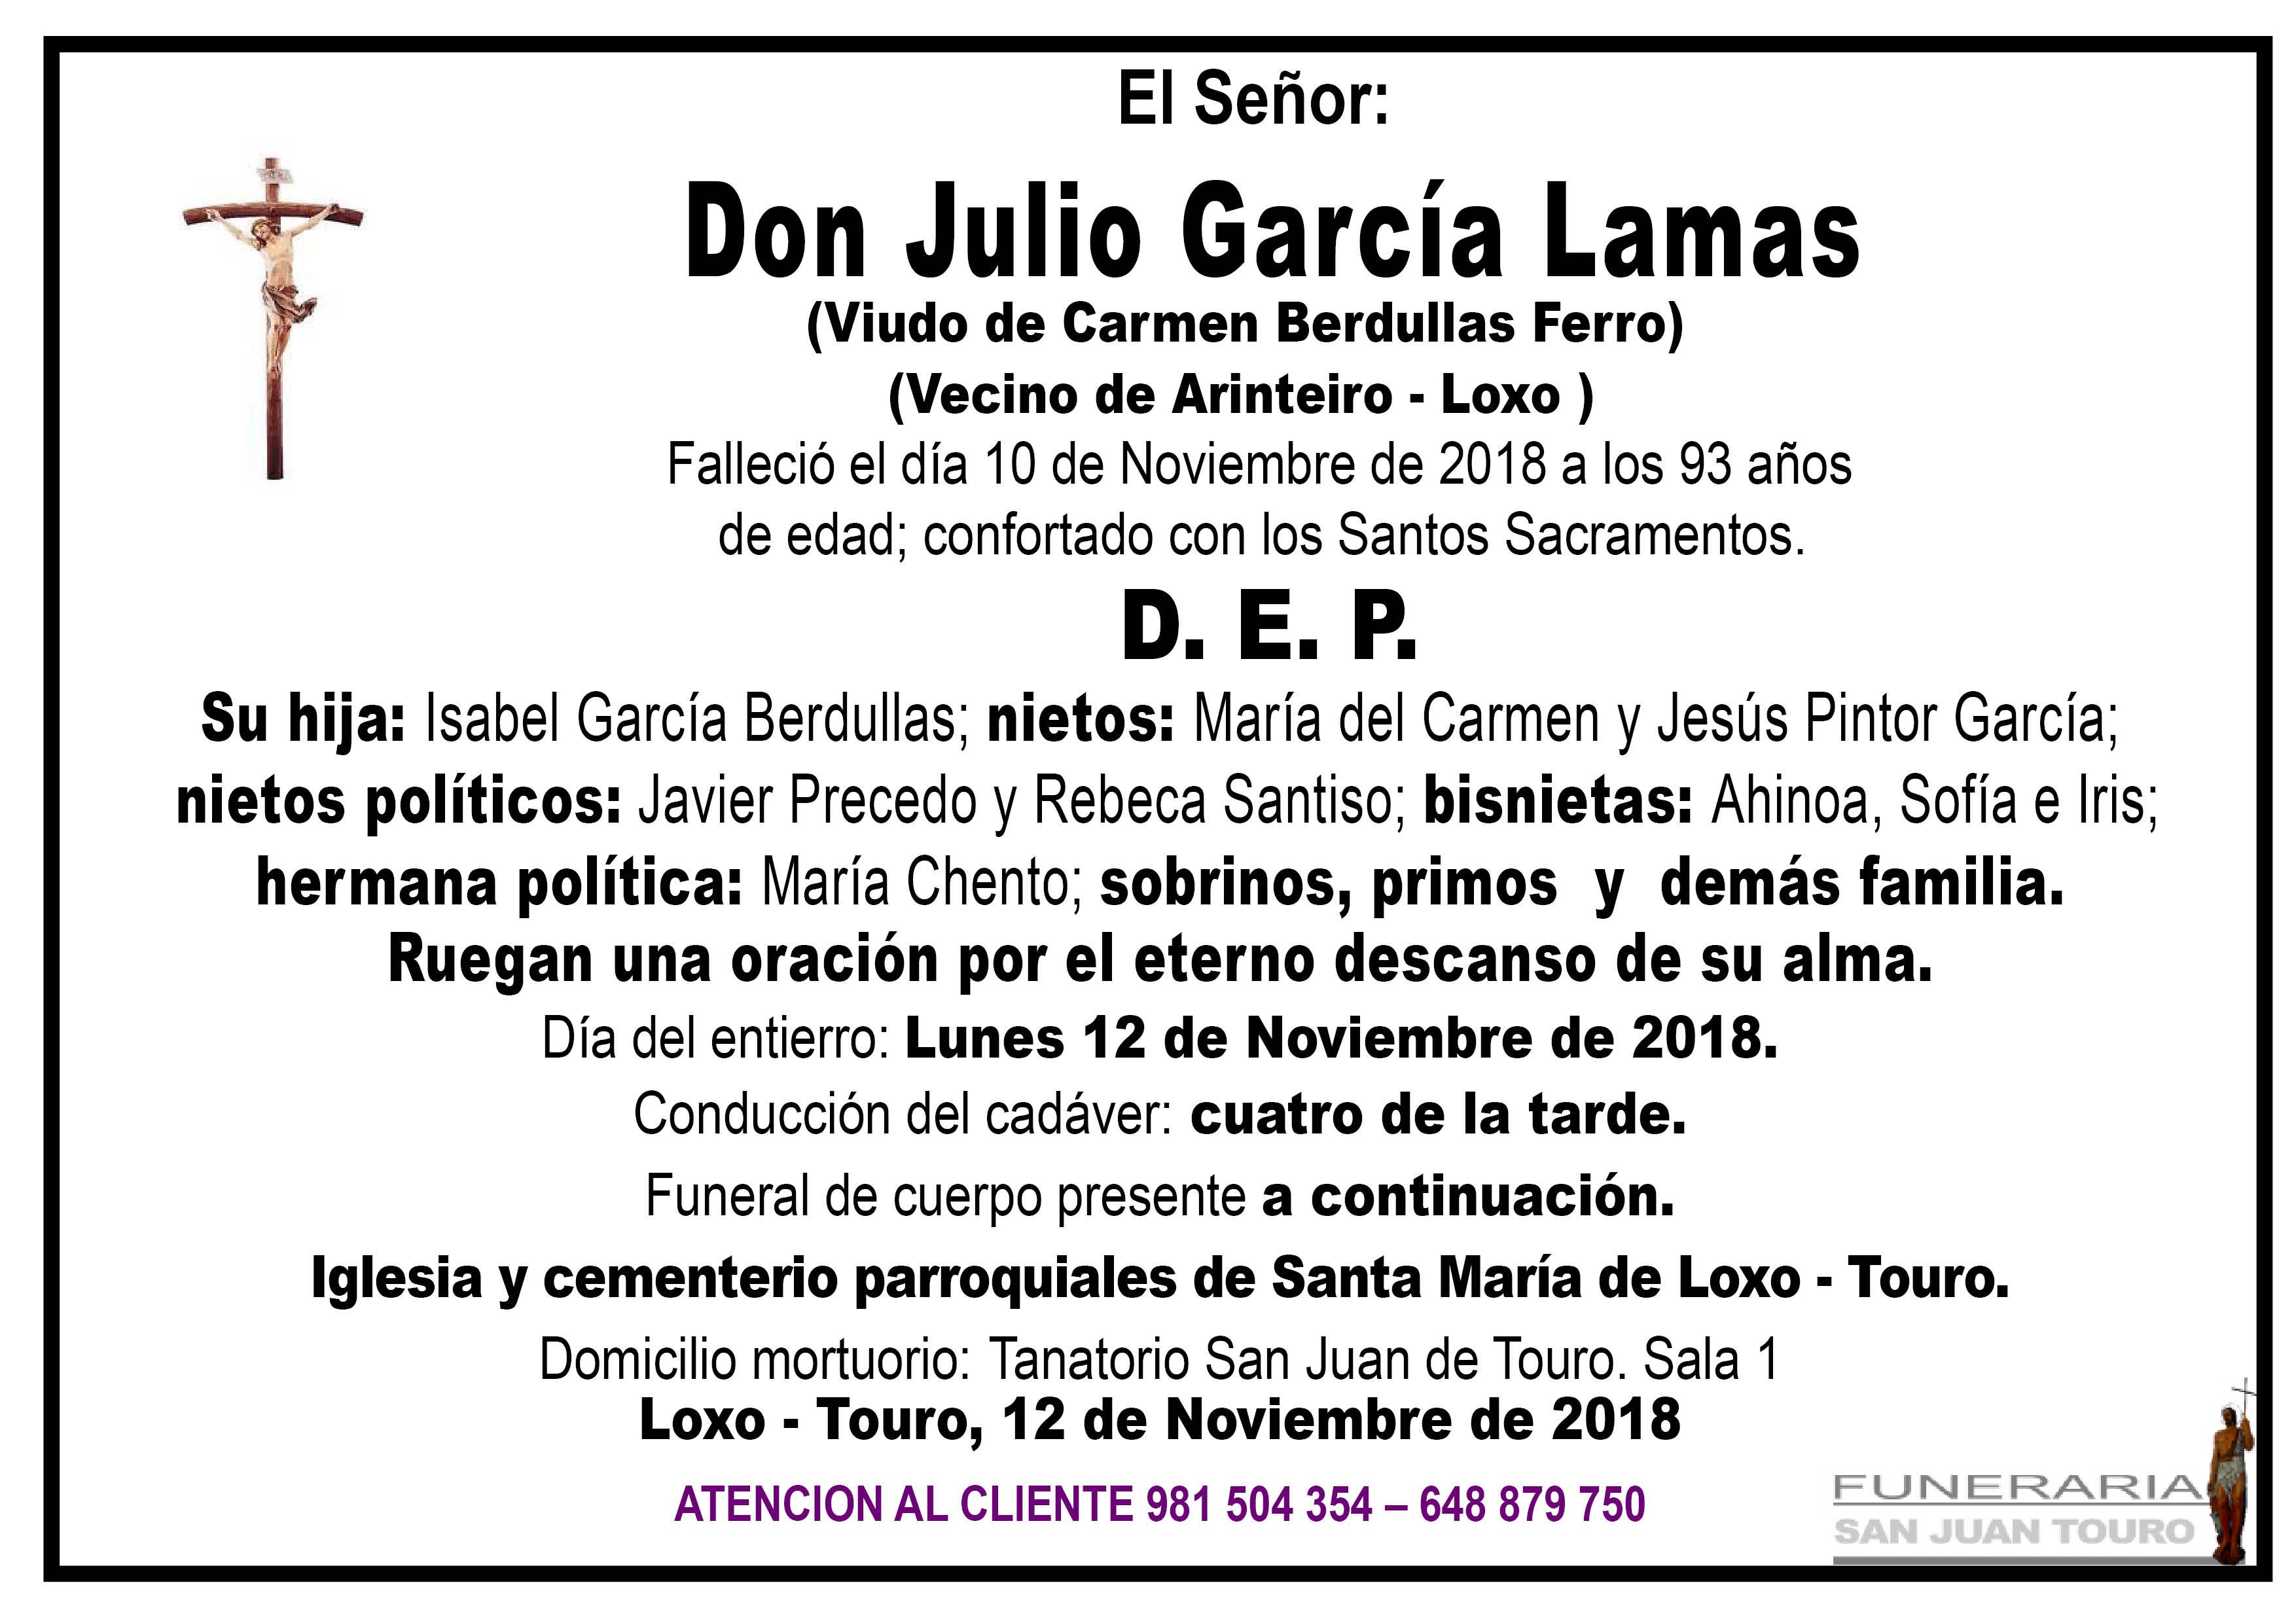 Esquela de SEPELIO DE DON JULIO GARCÍA LAMAS